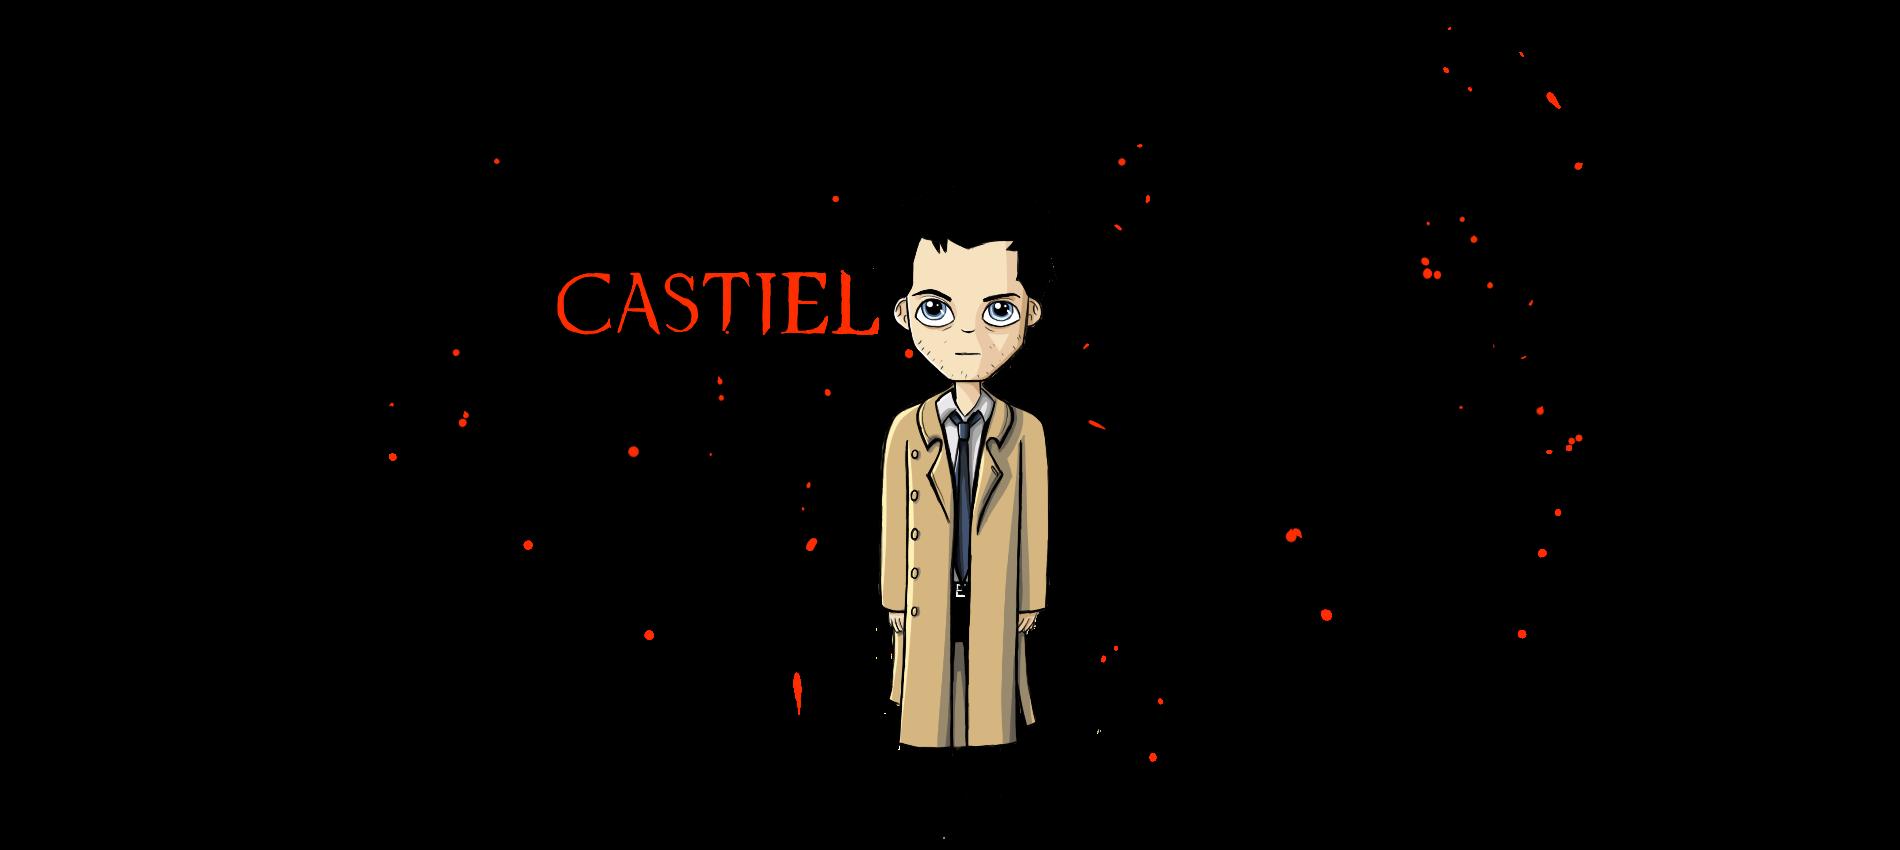 Castiel with Wings by Joy-Pedler